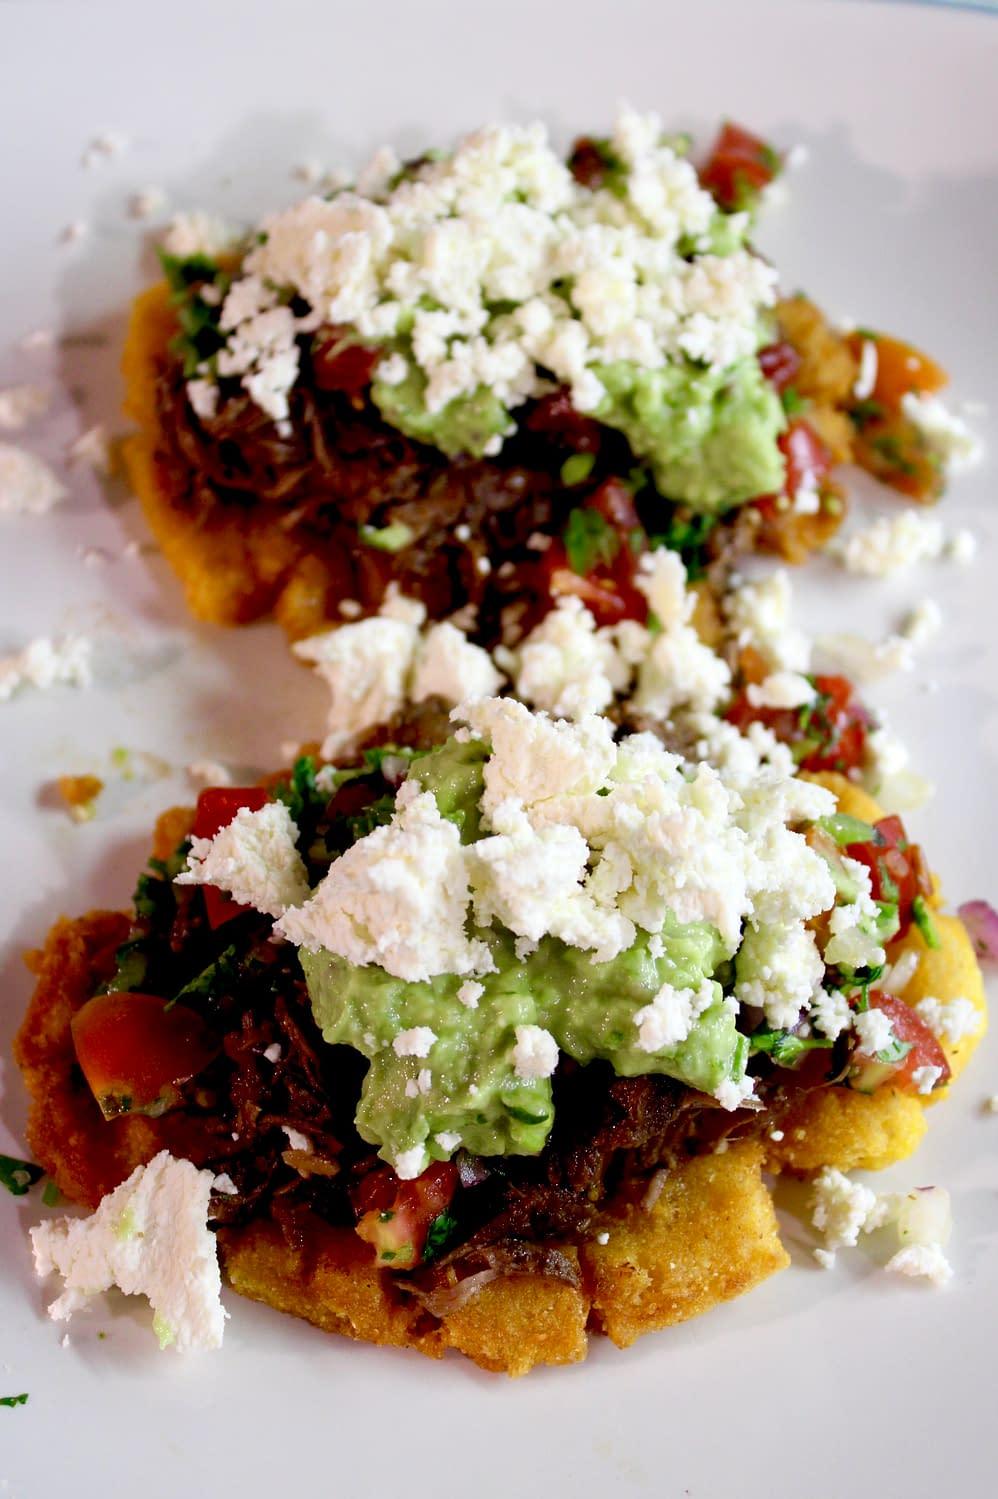 Slow-cooked beef cornbread tostadas